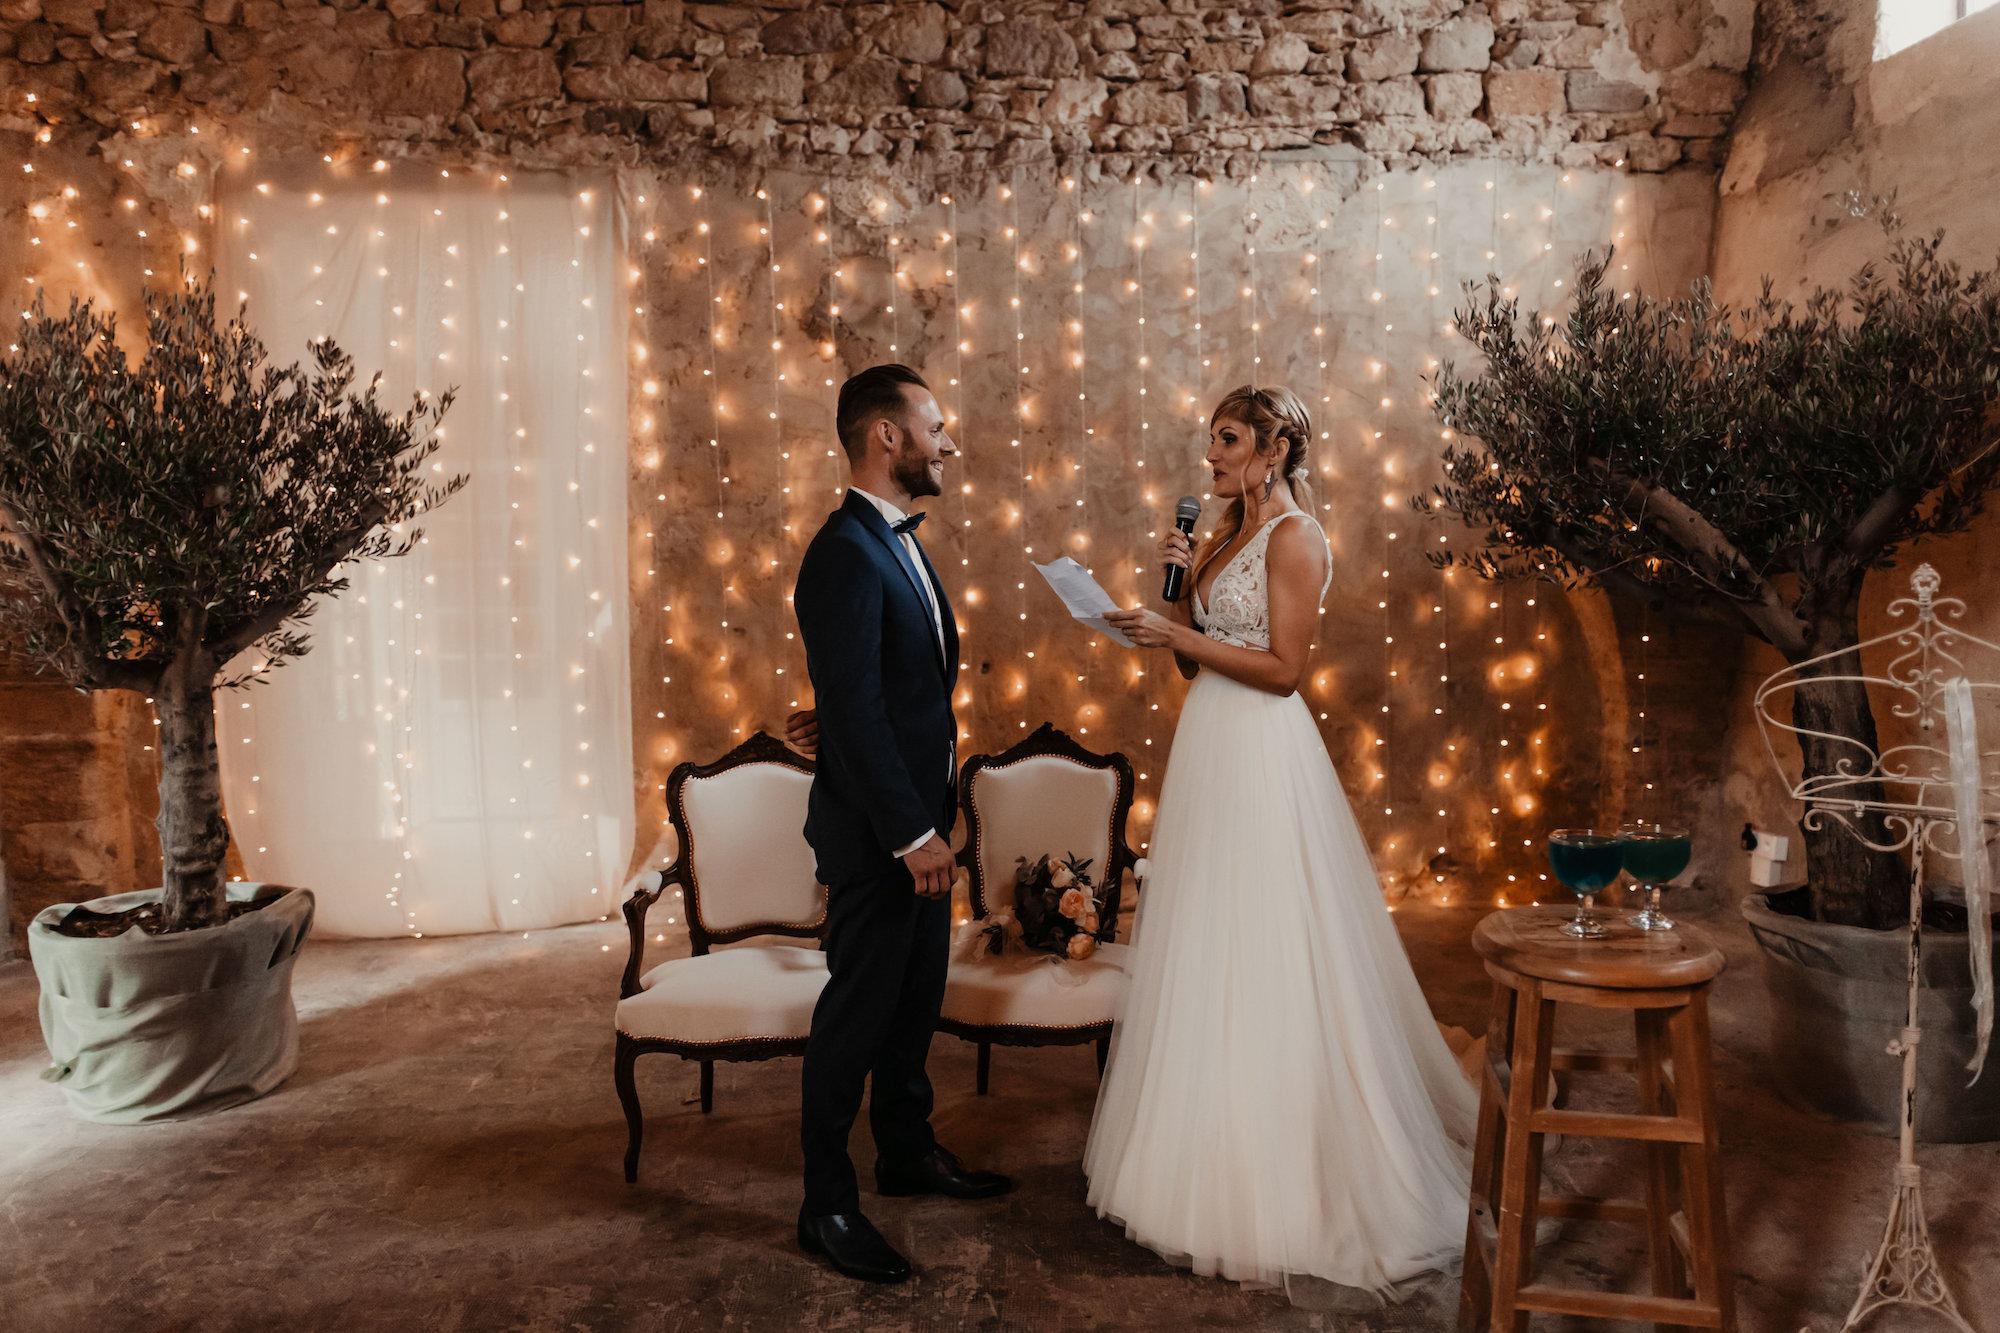 le coeur dans les etoiles - wedding planner - provence - luberon - alpilles - organisation - mariage - wedding - florine jeannot - echange voeux